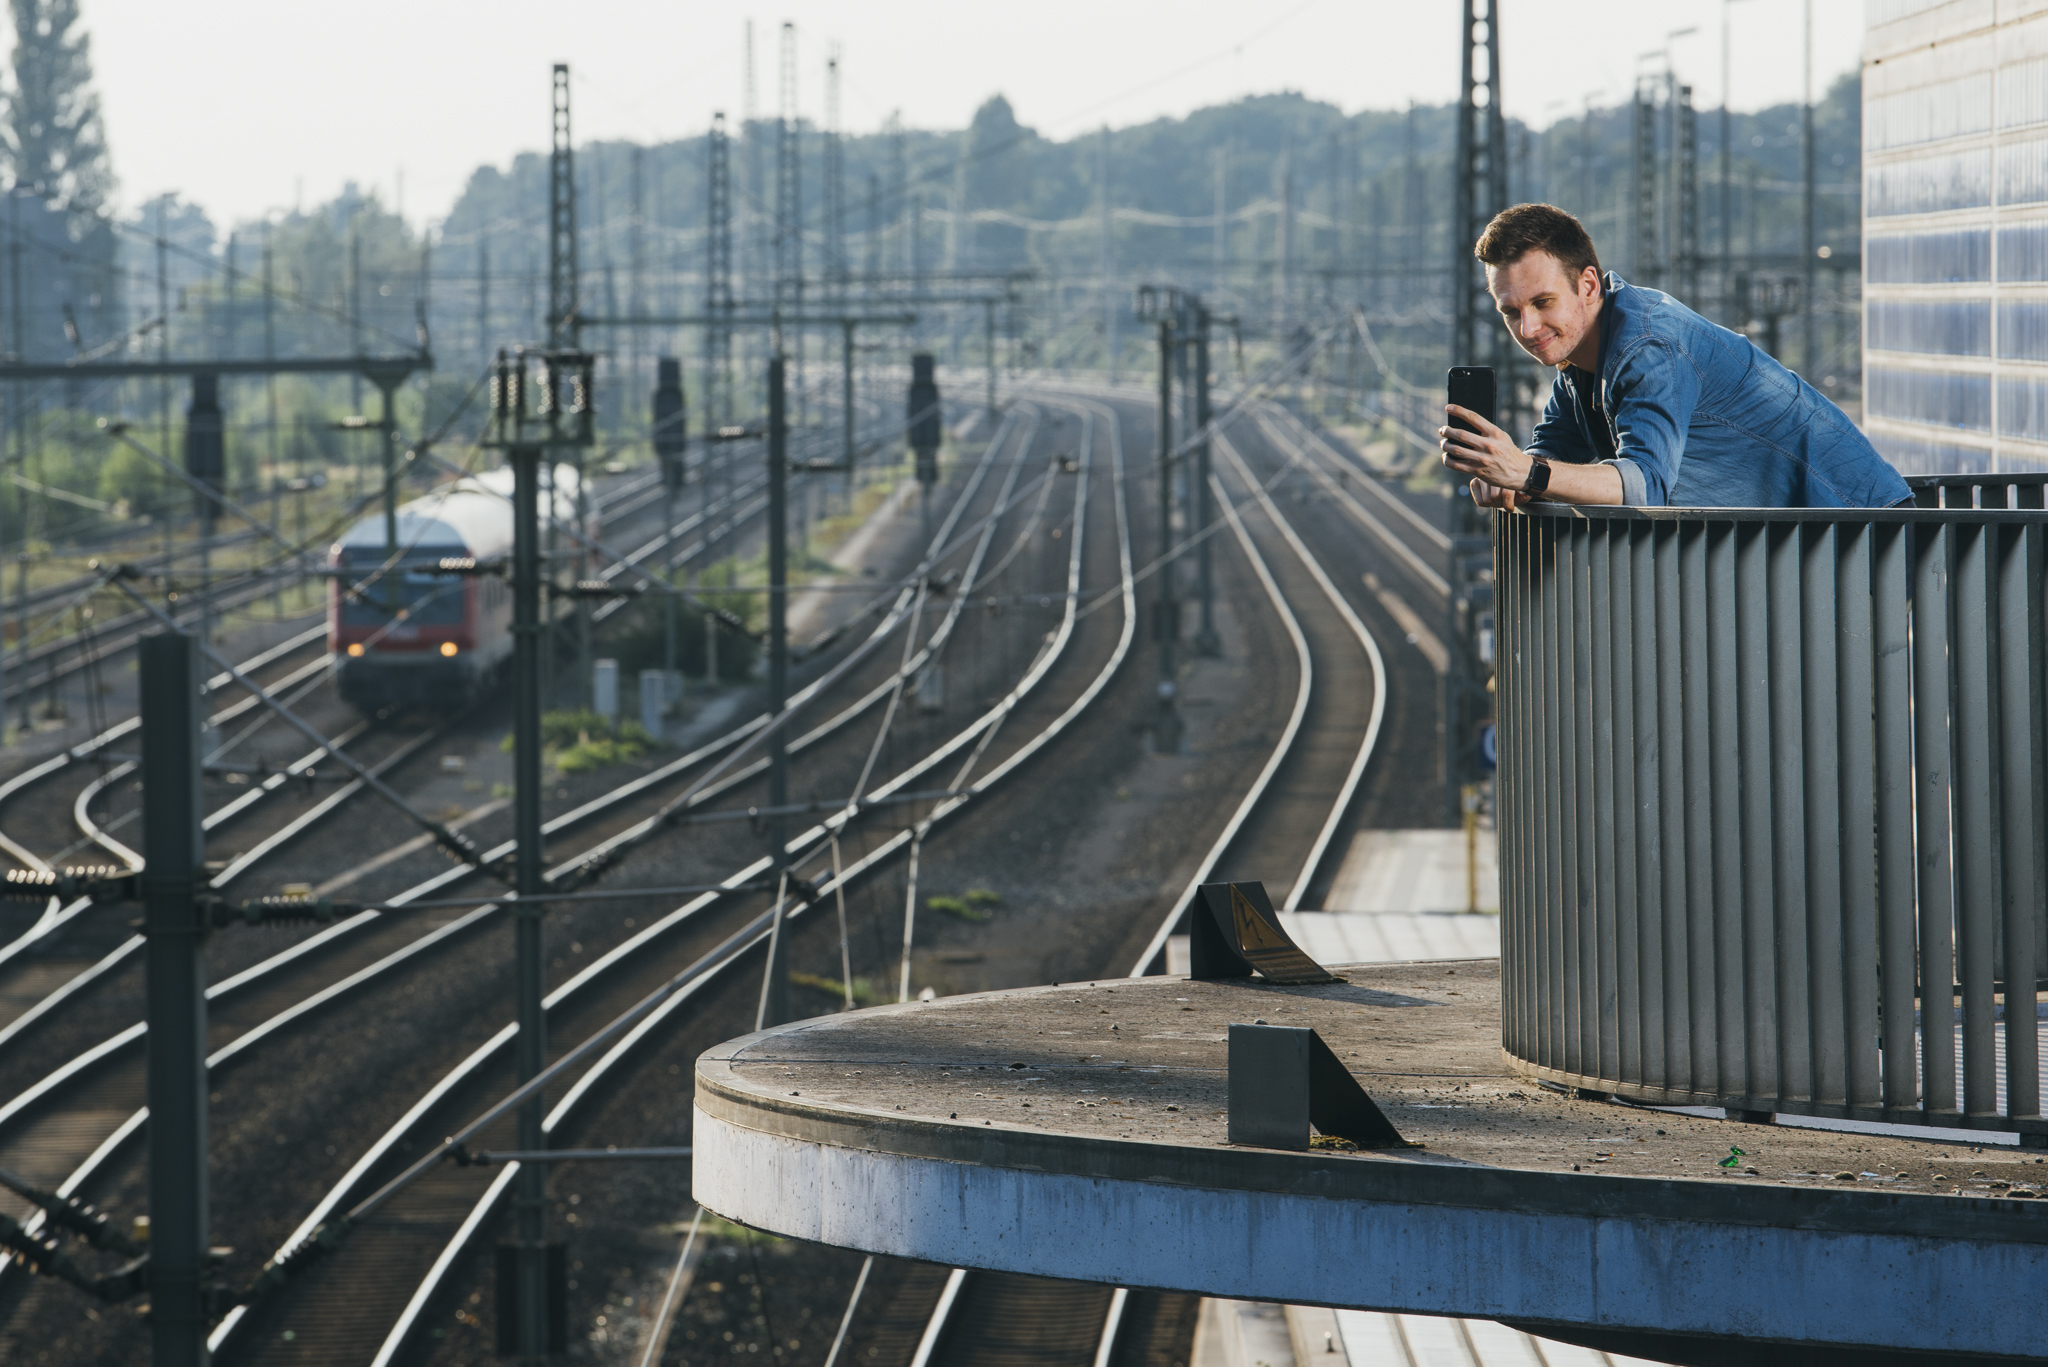 Content-Marketing: Der bloggende Bahner versorgt Kunden, Mitarbeiter und Bewerber der Deutschen Bahn mit Informationen rund um das Verkehrsunternehmen.